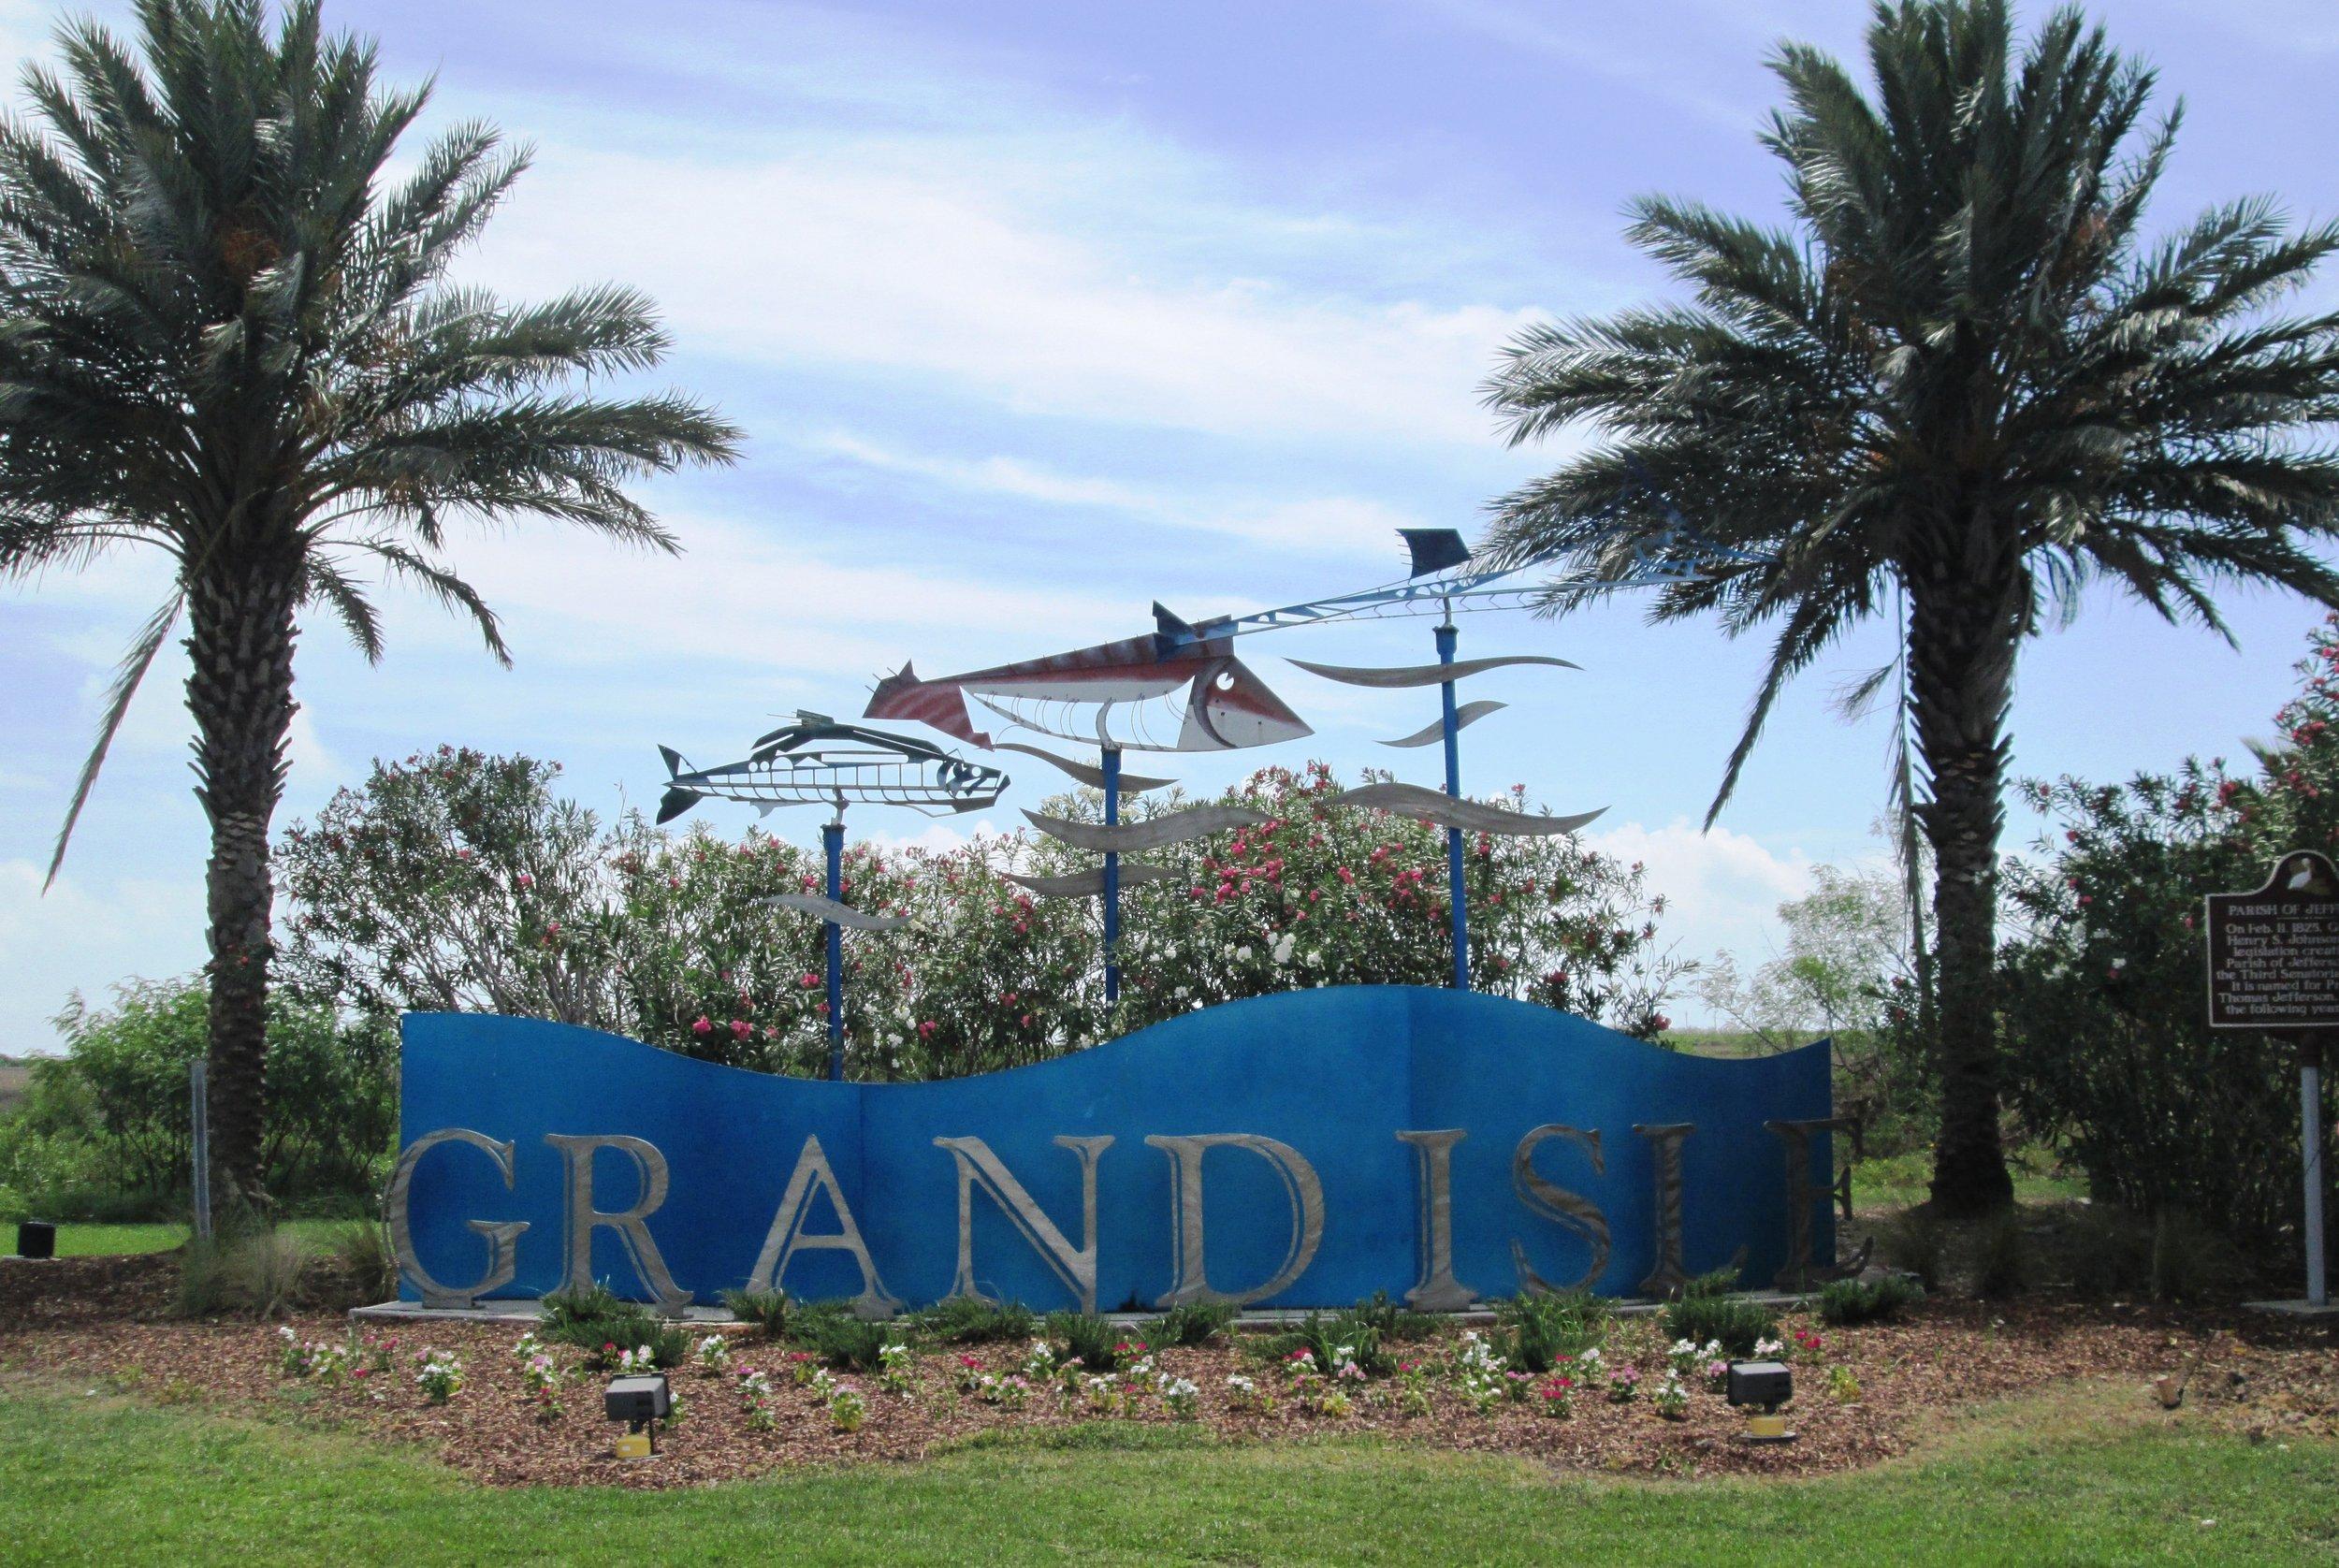 2017_05_17_Grand Isle (31).JPG